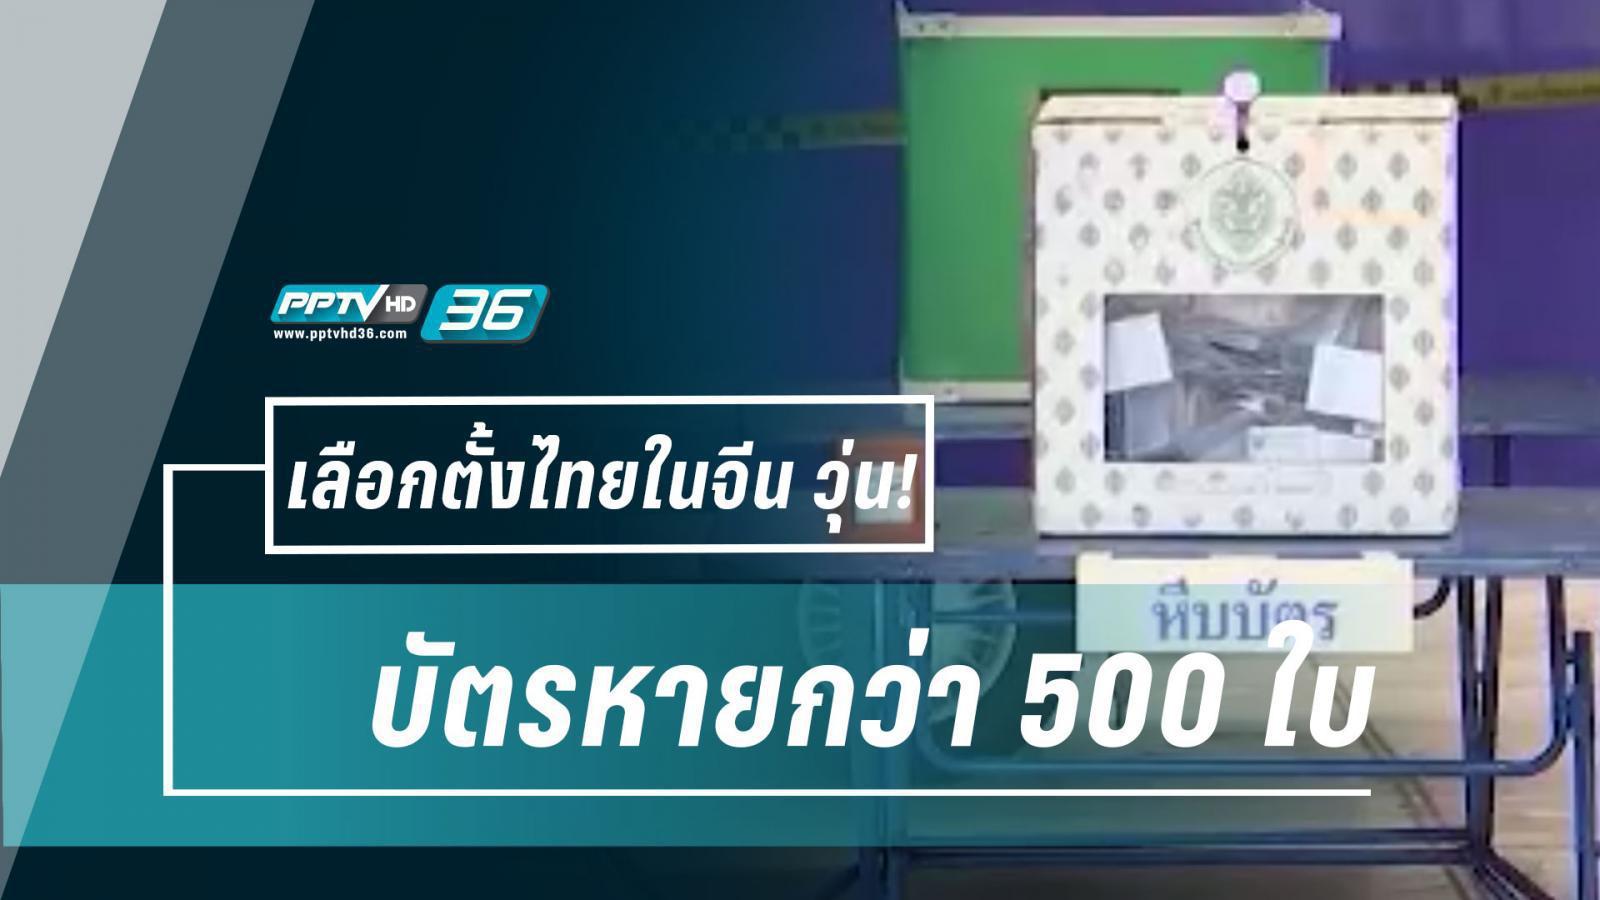 เลือกตั้งไทยในจีนป่วน! บัตรเลือกตั้งส่งไม่ถึงมือผู้รับ หายกว่า 500 ใบ